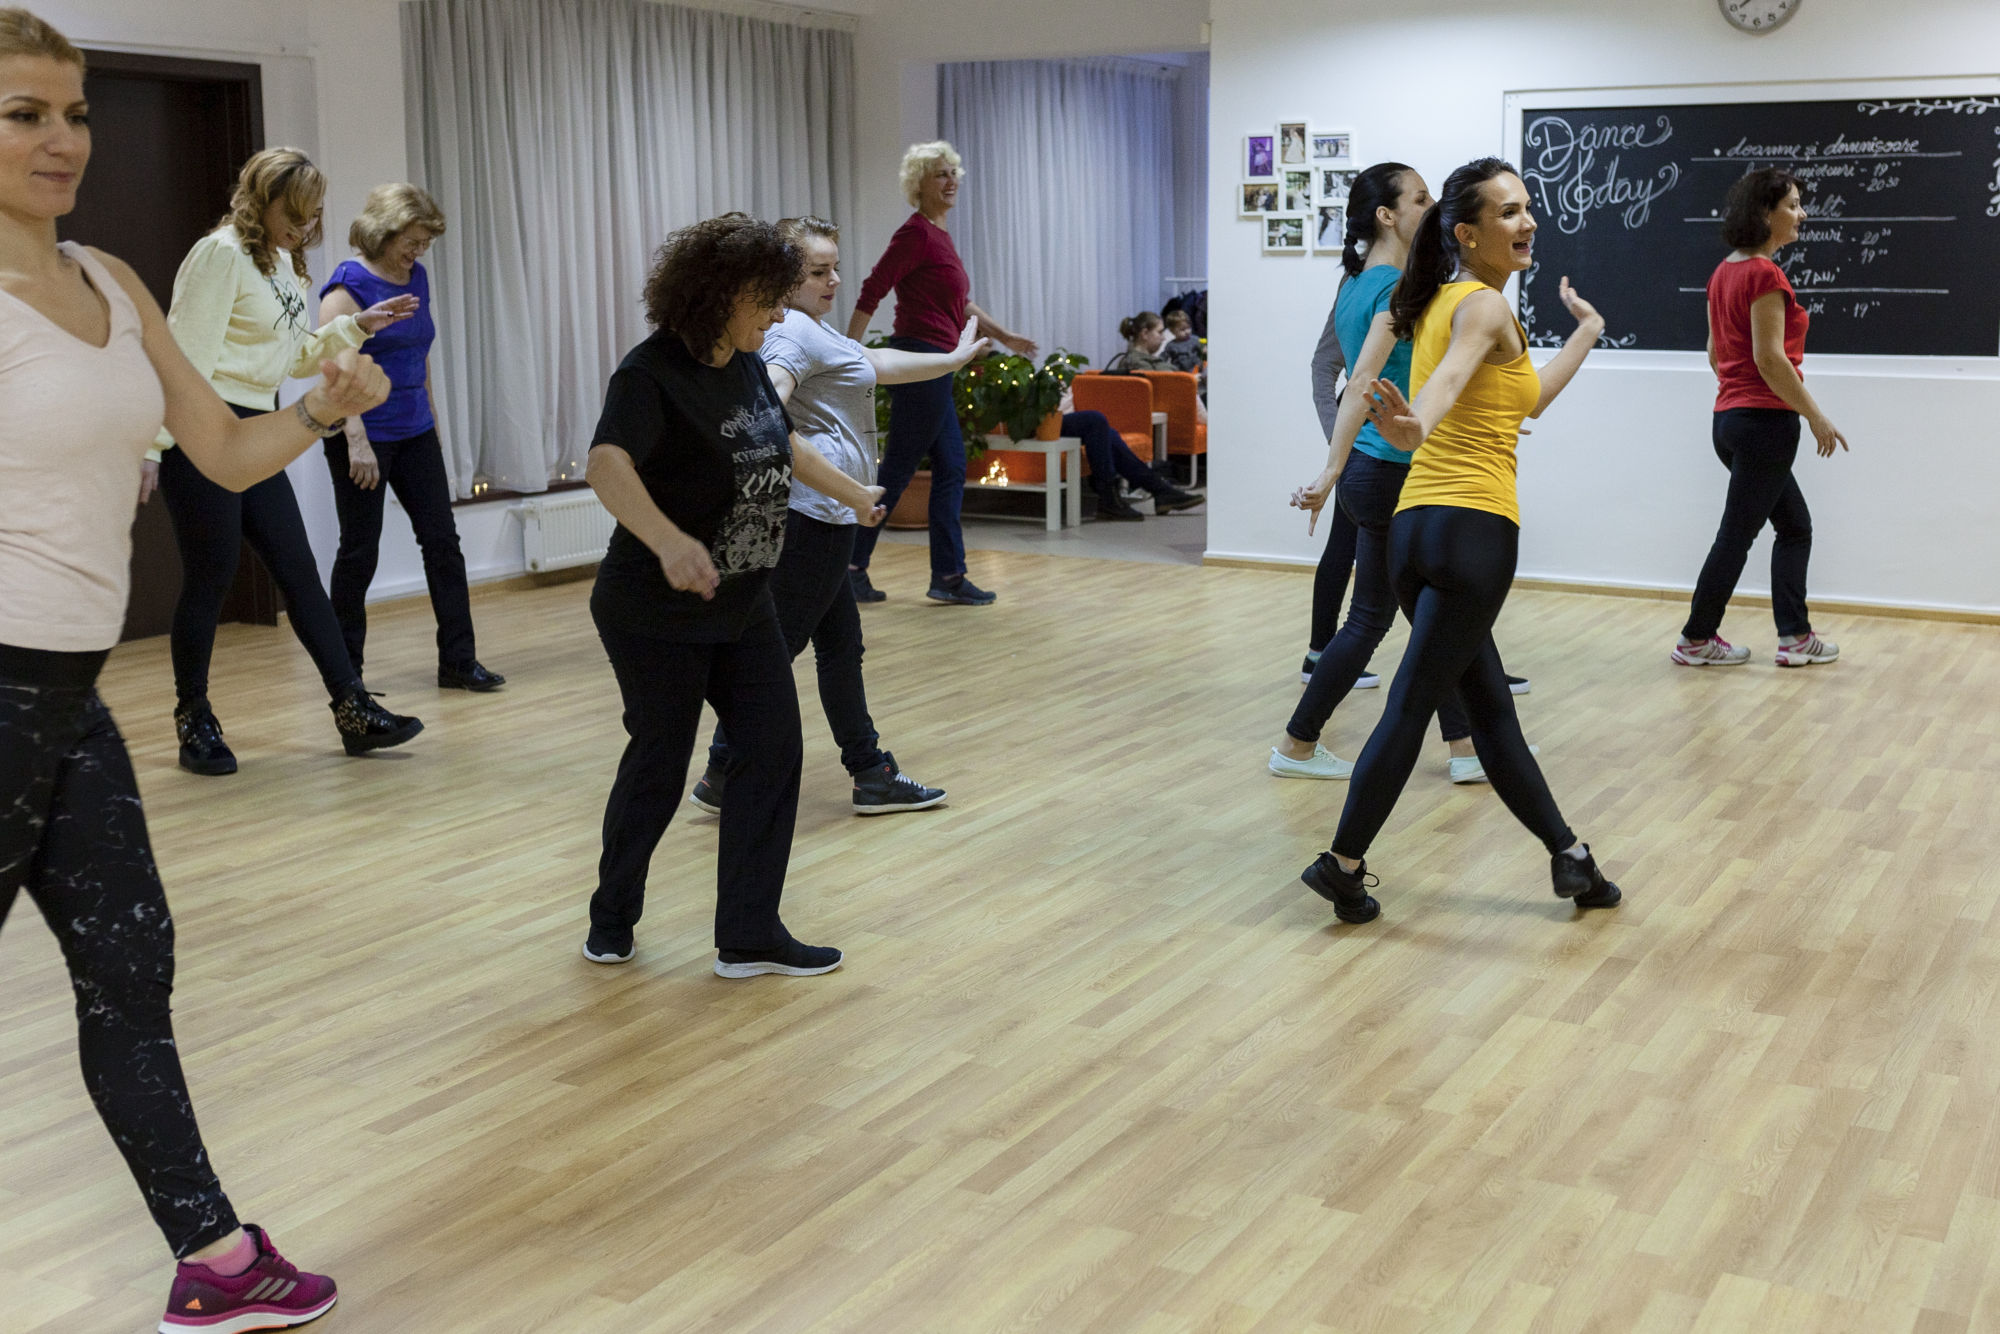 cursuri de dans moderne pentru dame